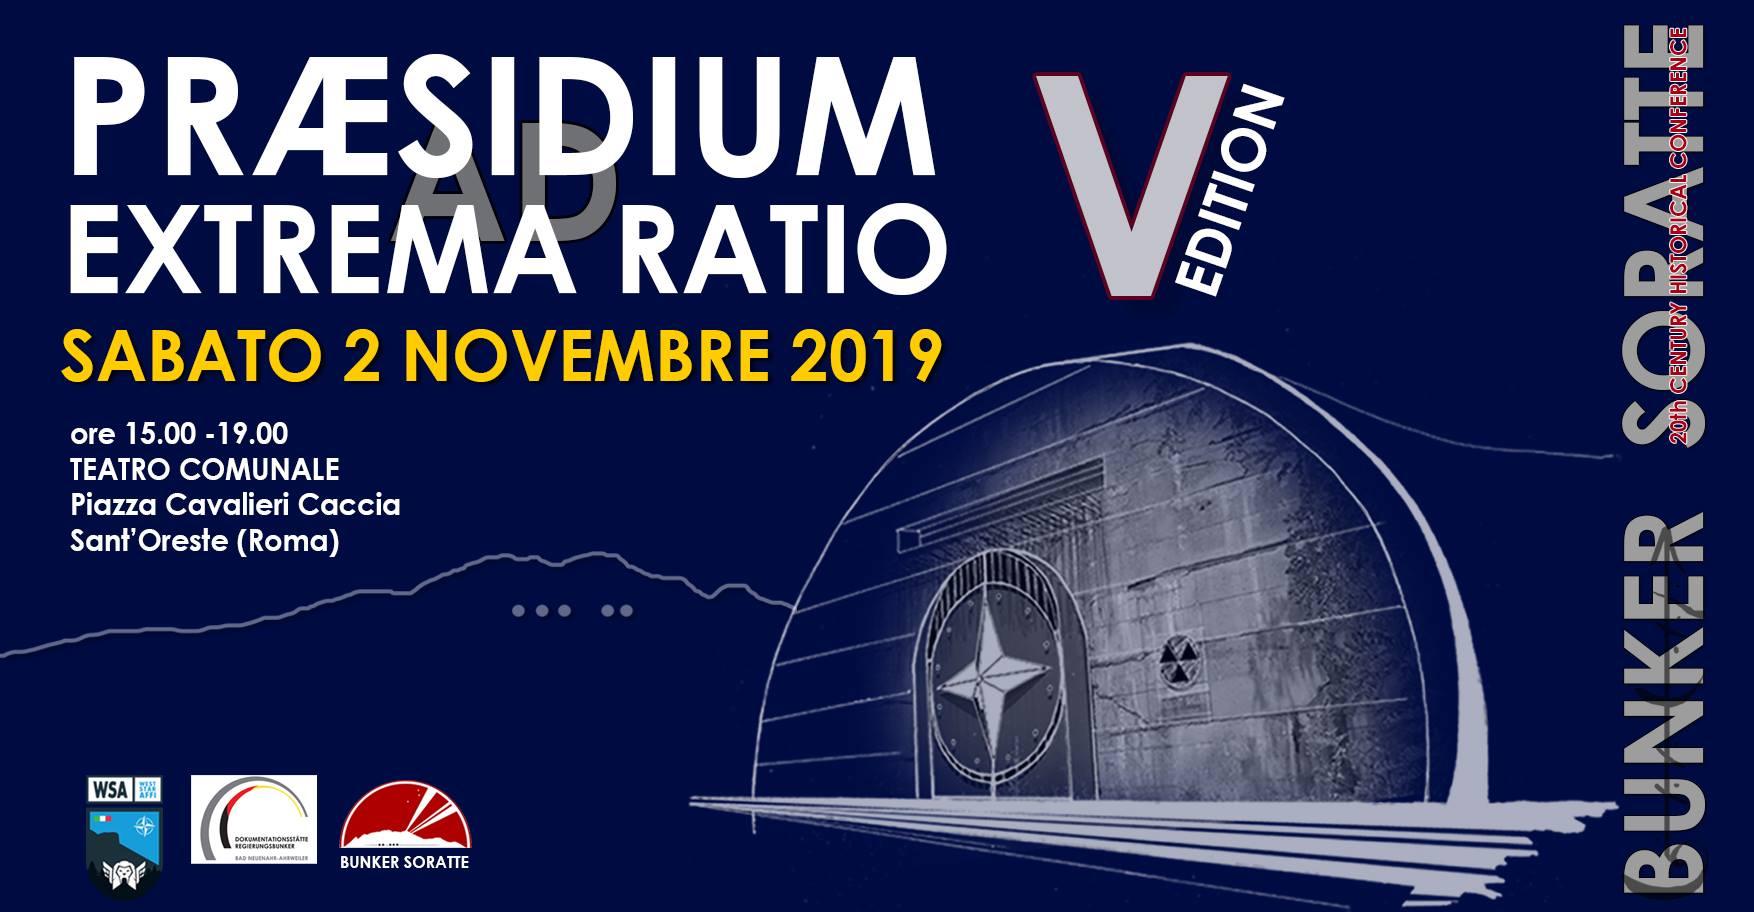 Praesidium ad extrema ratio - eventi in sabina